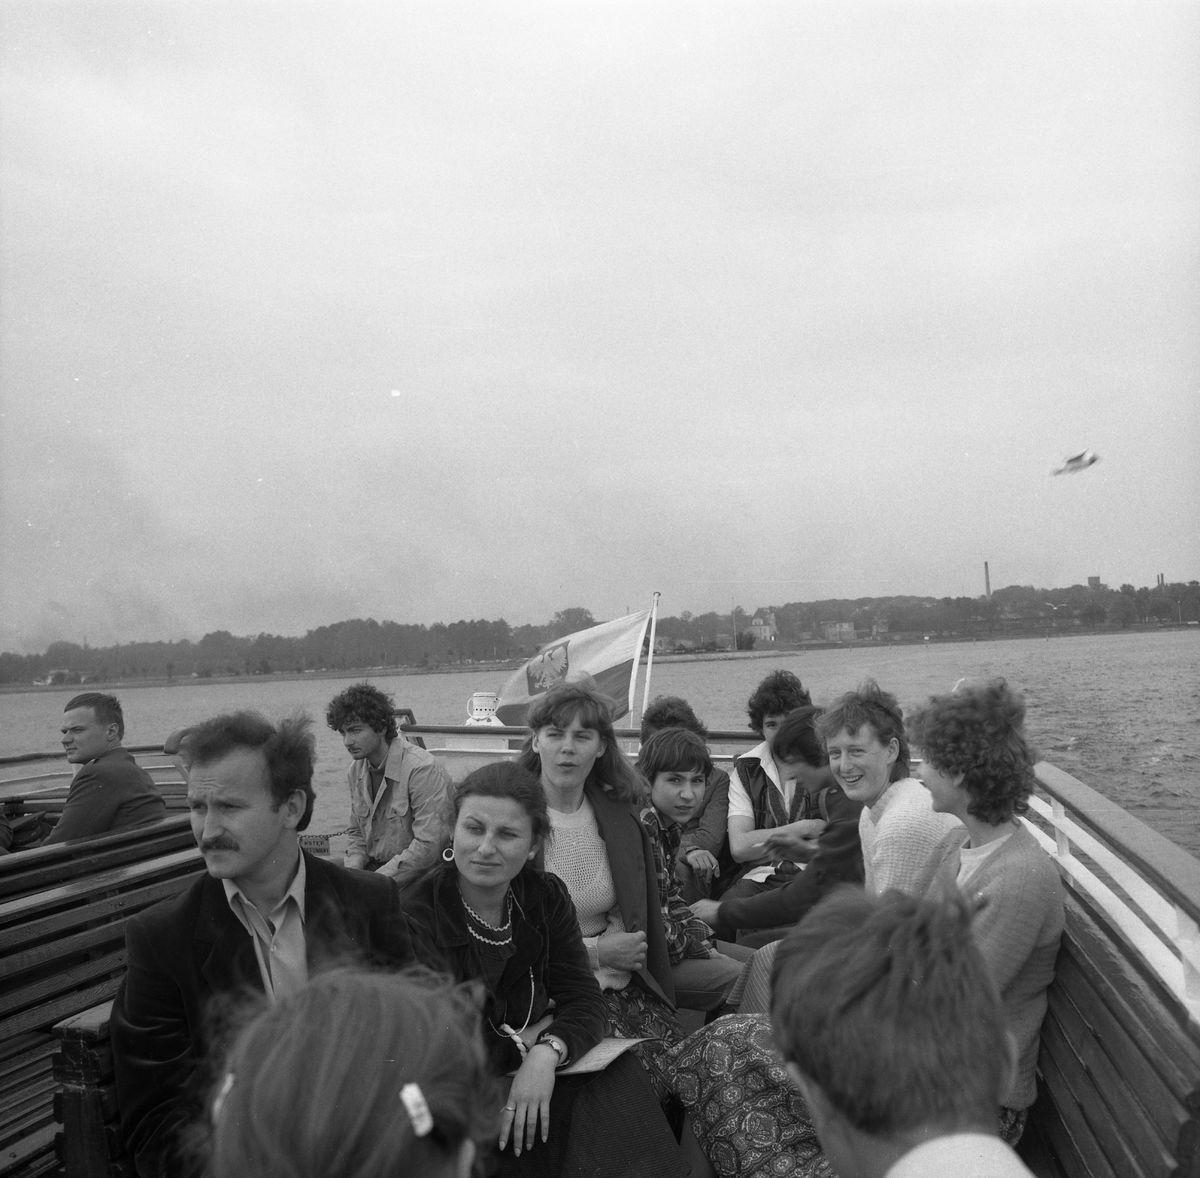 Obchody Dnia Działacza Kultury, 1985 r. [7]